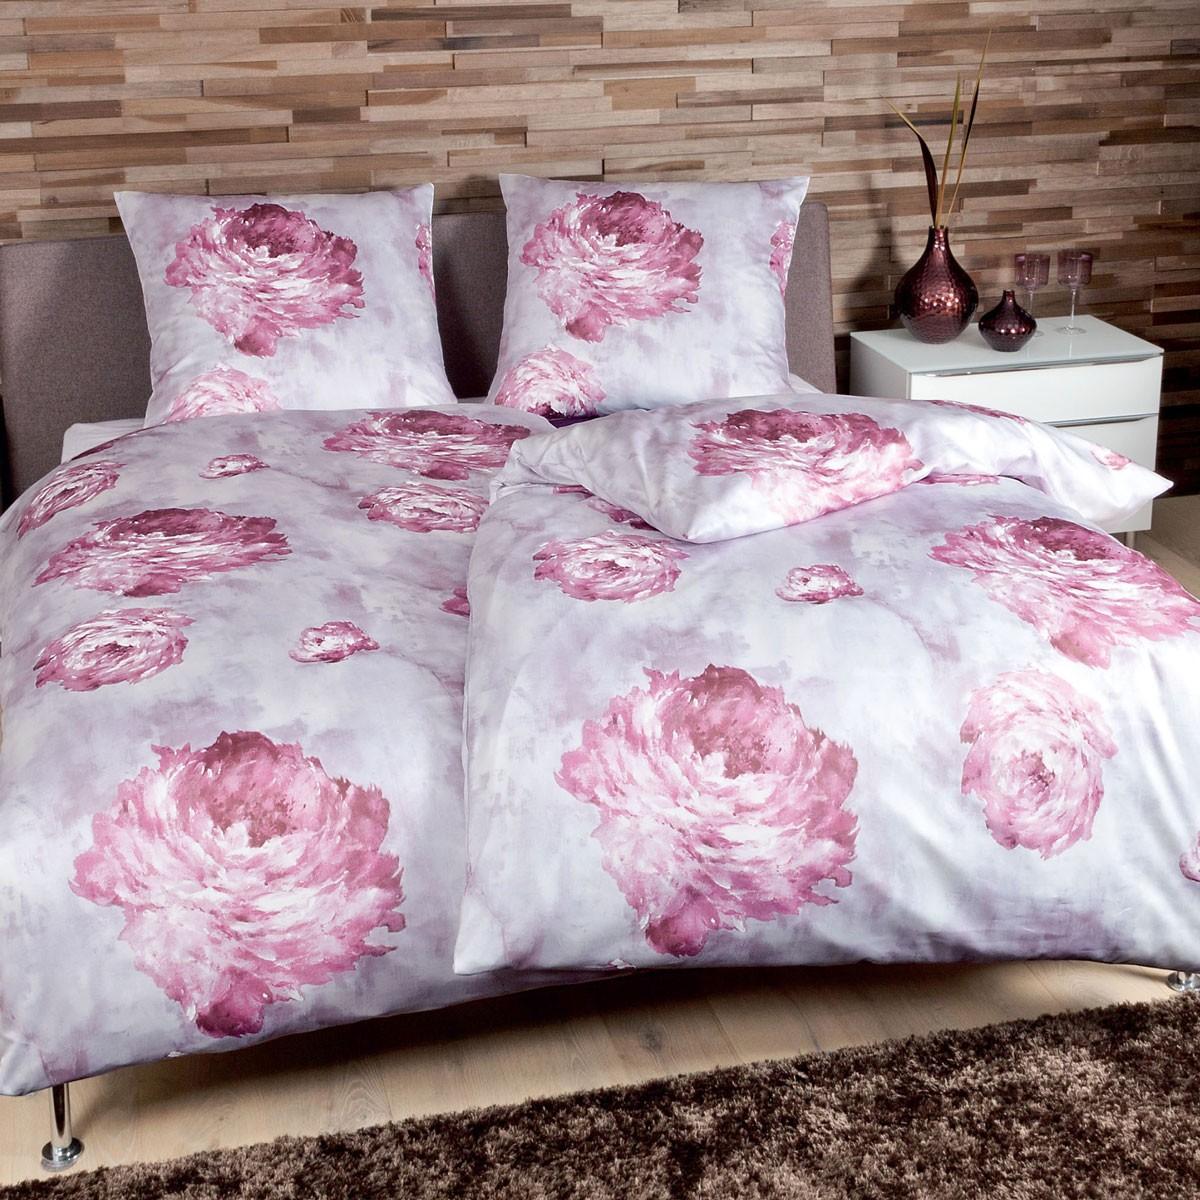 Комплекты постельного белья Постельное белье 1.5 спальное Janine Messina 4733 розовое elitnoe-postelnoe-belie-messina-4733-orchideenmauve-ot-janine-germaniya.jpg